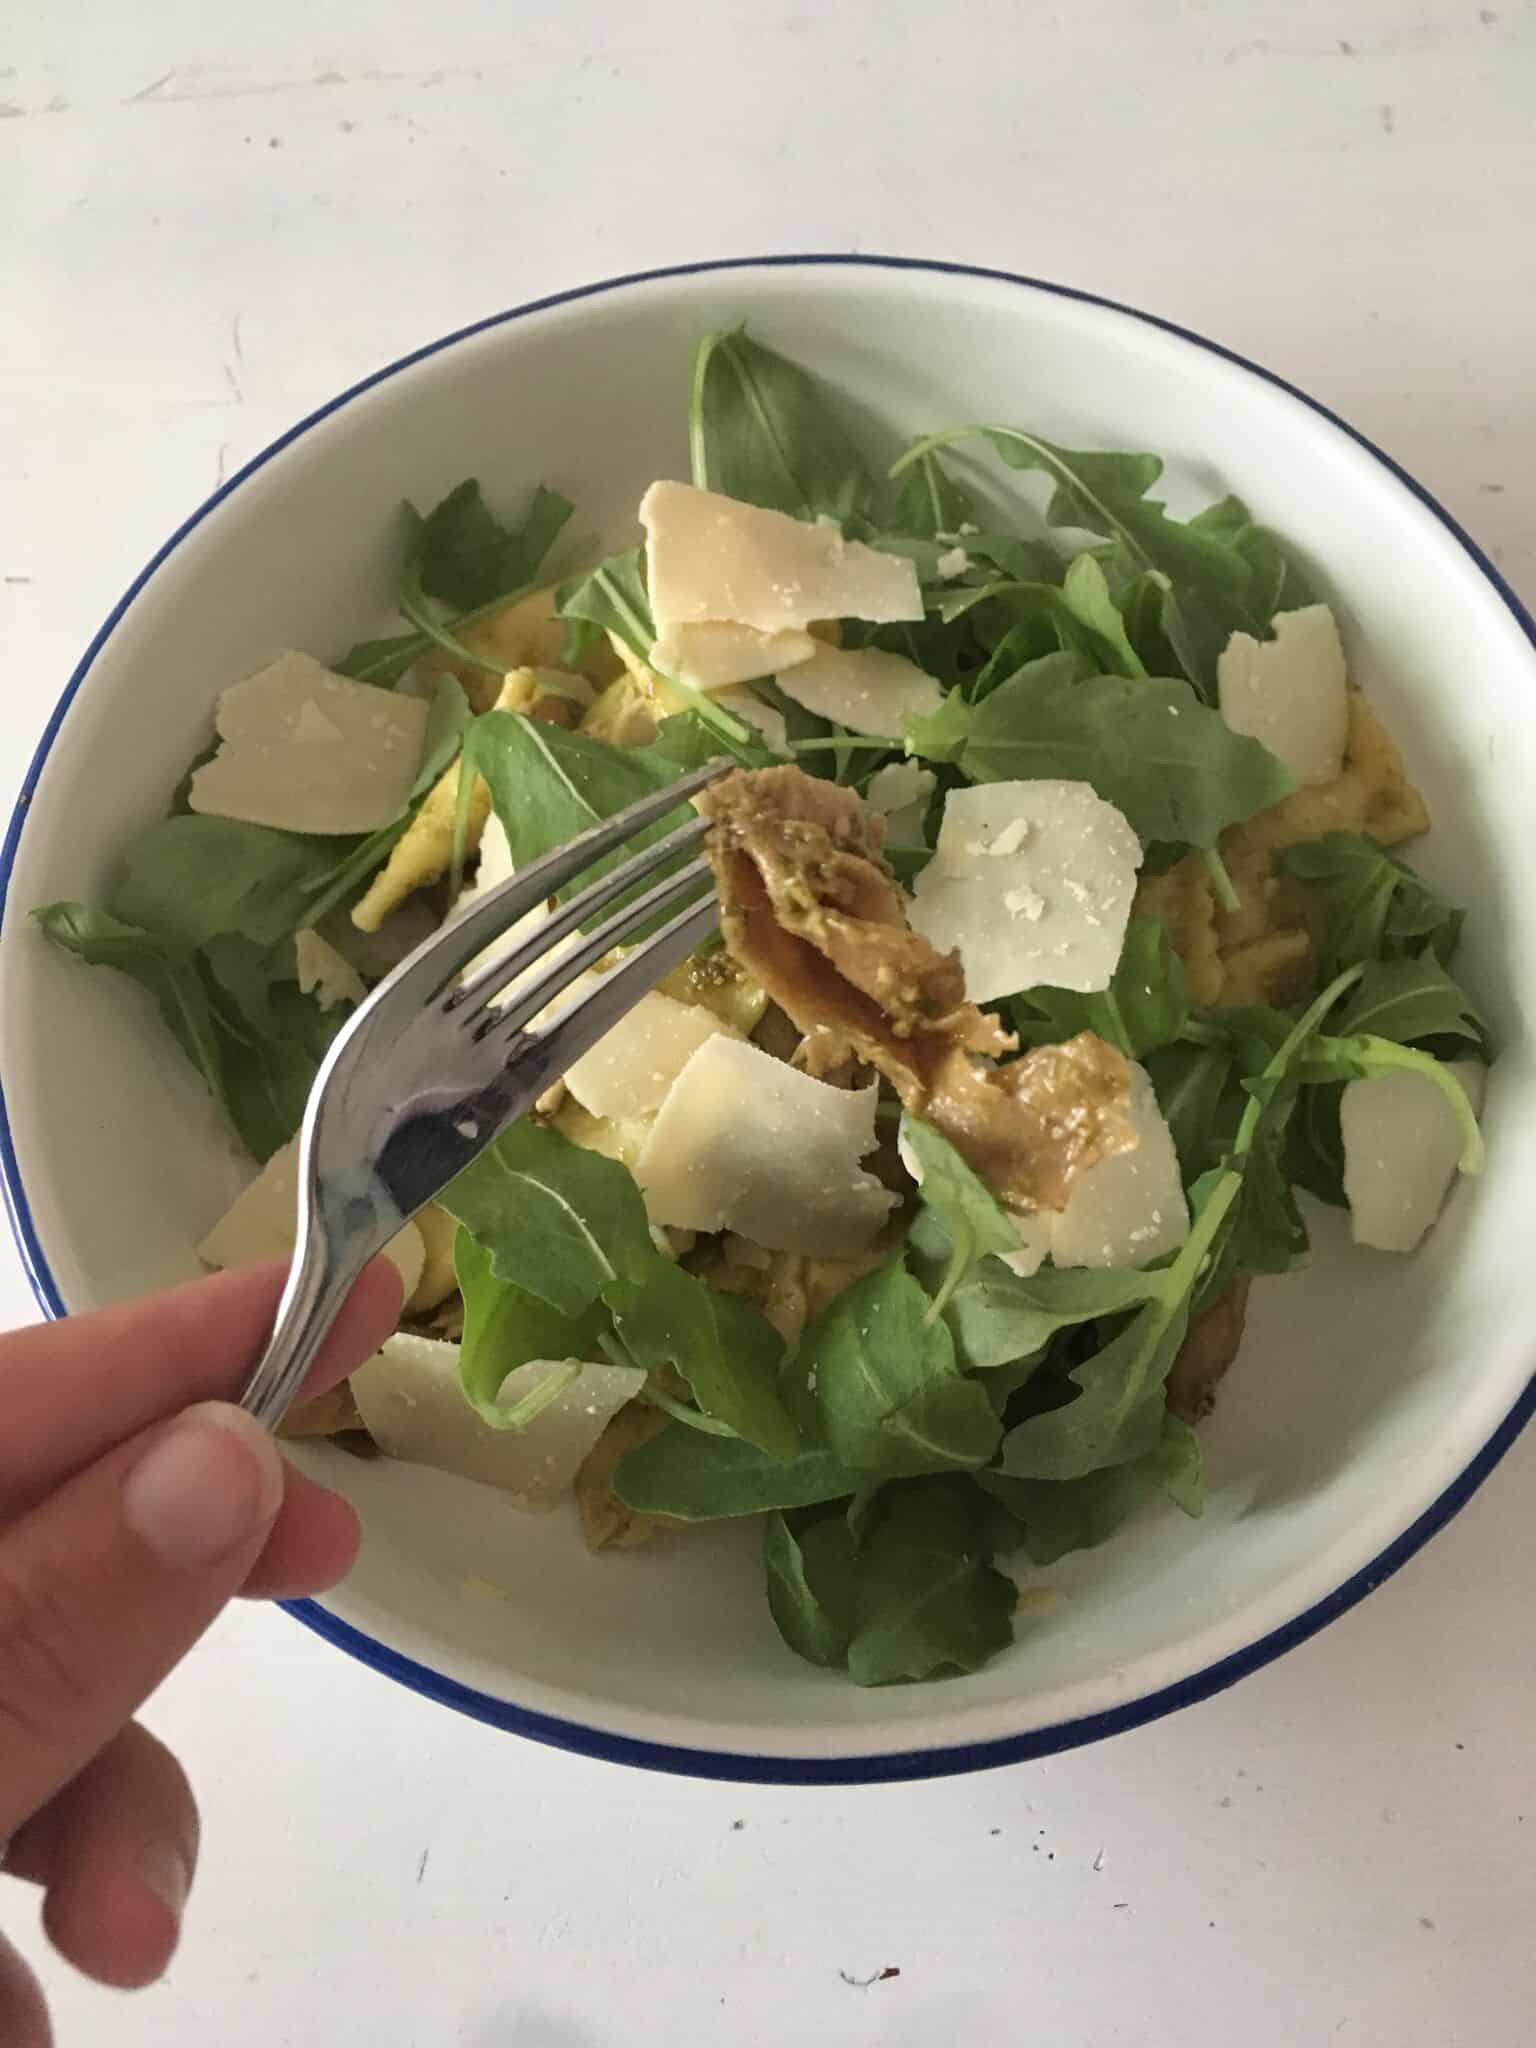 Veggie challenge eetdagboek 4: het zit erop!